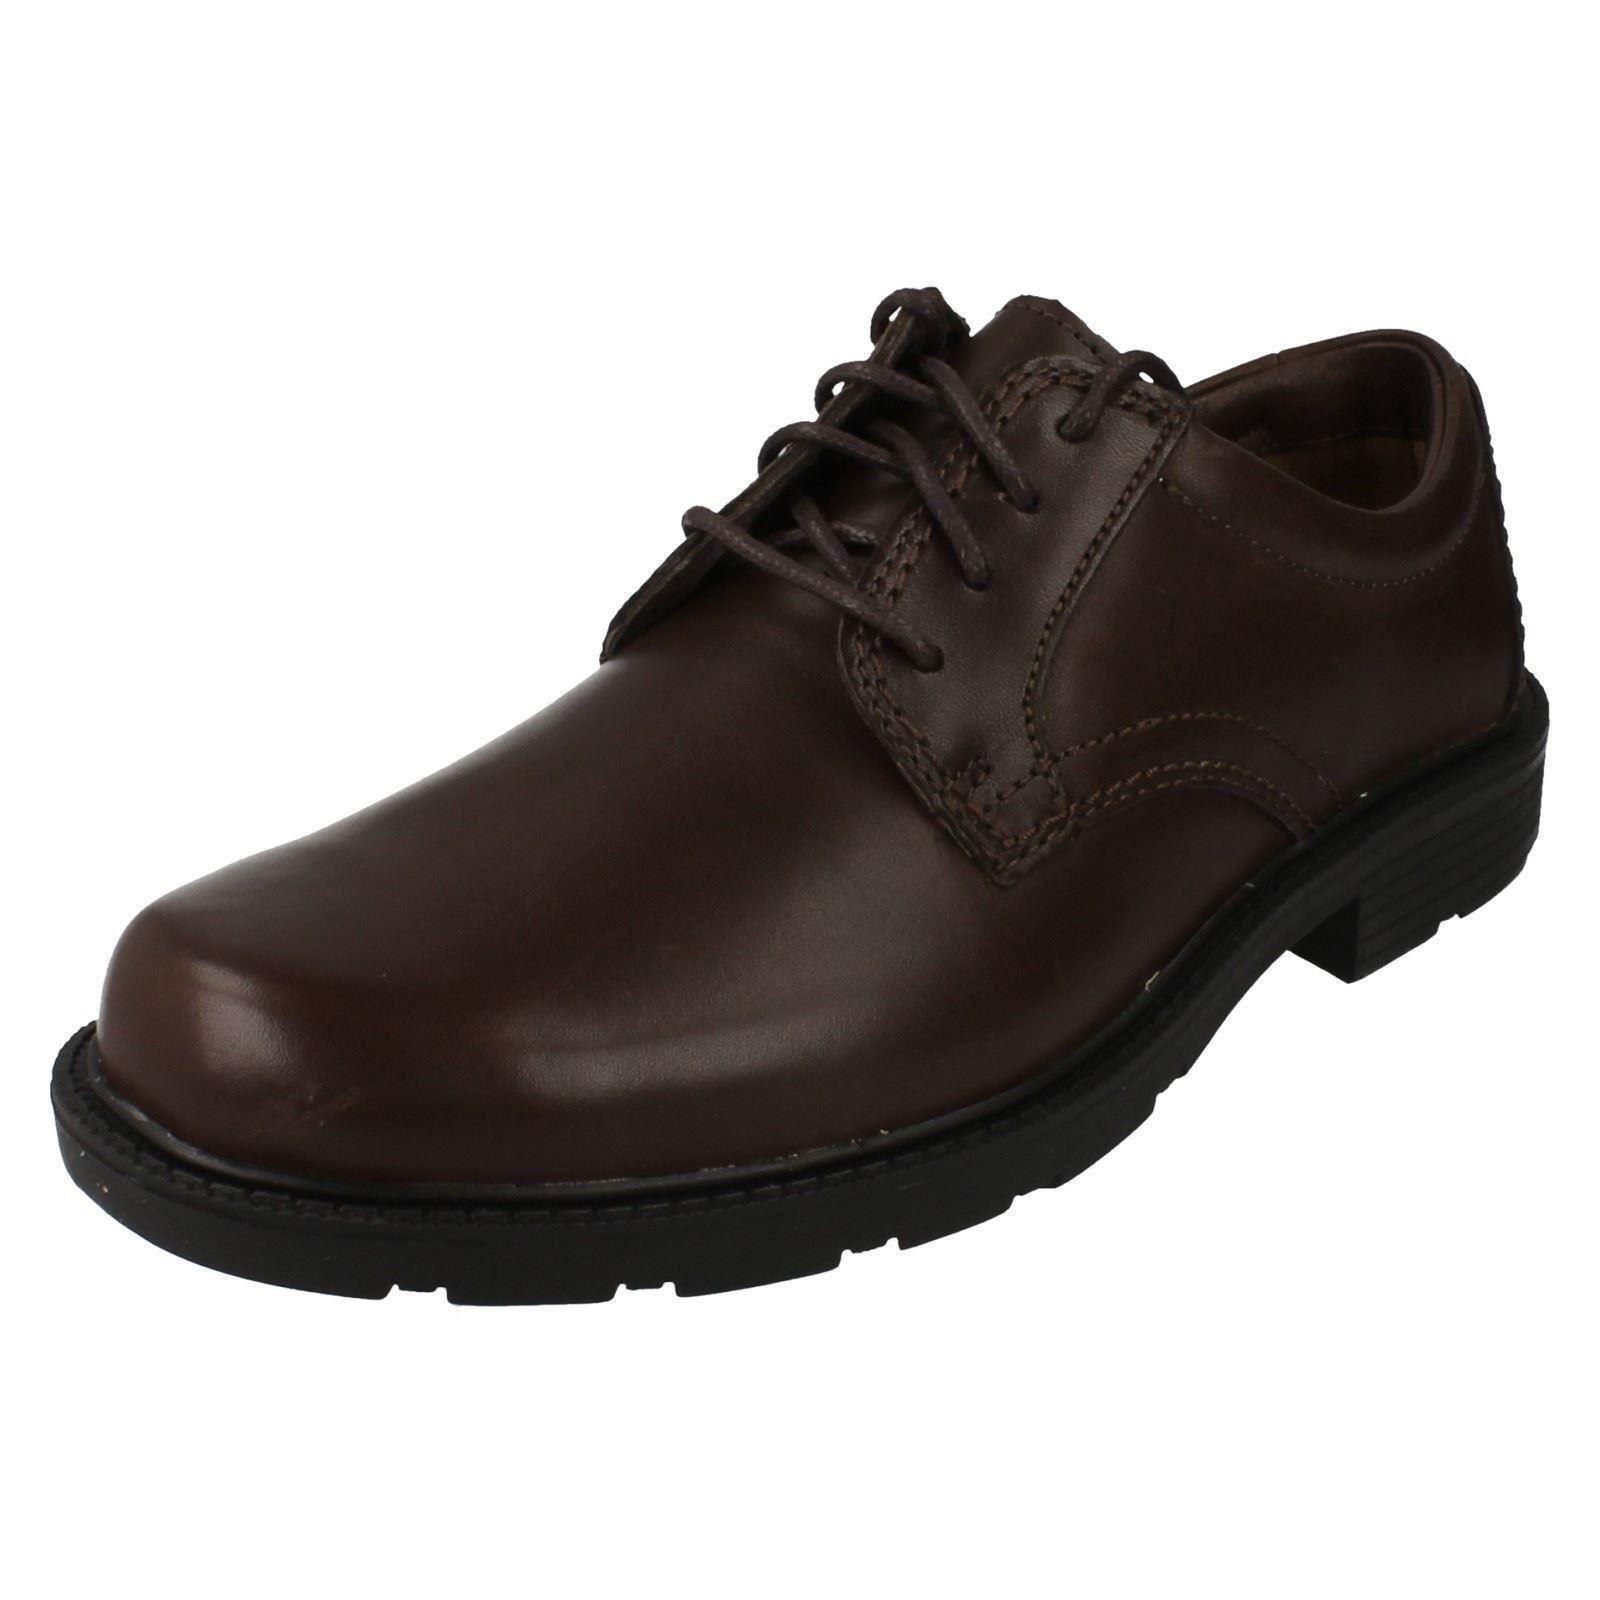 Clarks Schlupfloch Schuhe Uhr braunes Leder Schuhe Schlupfloch 10b8ae